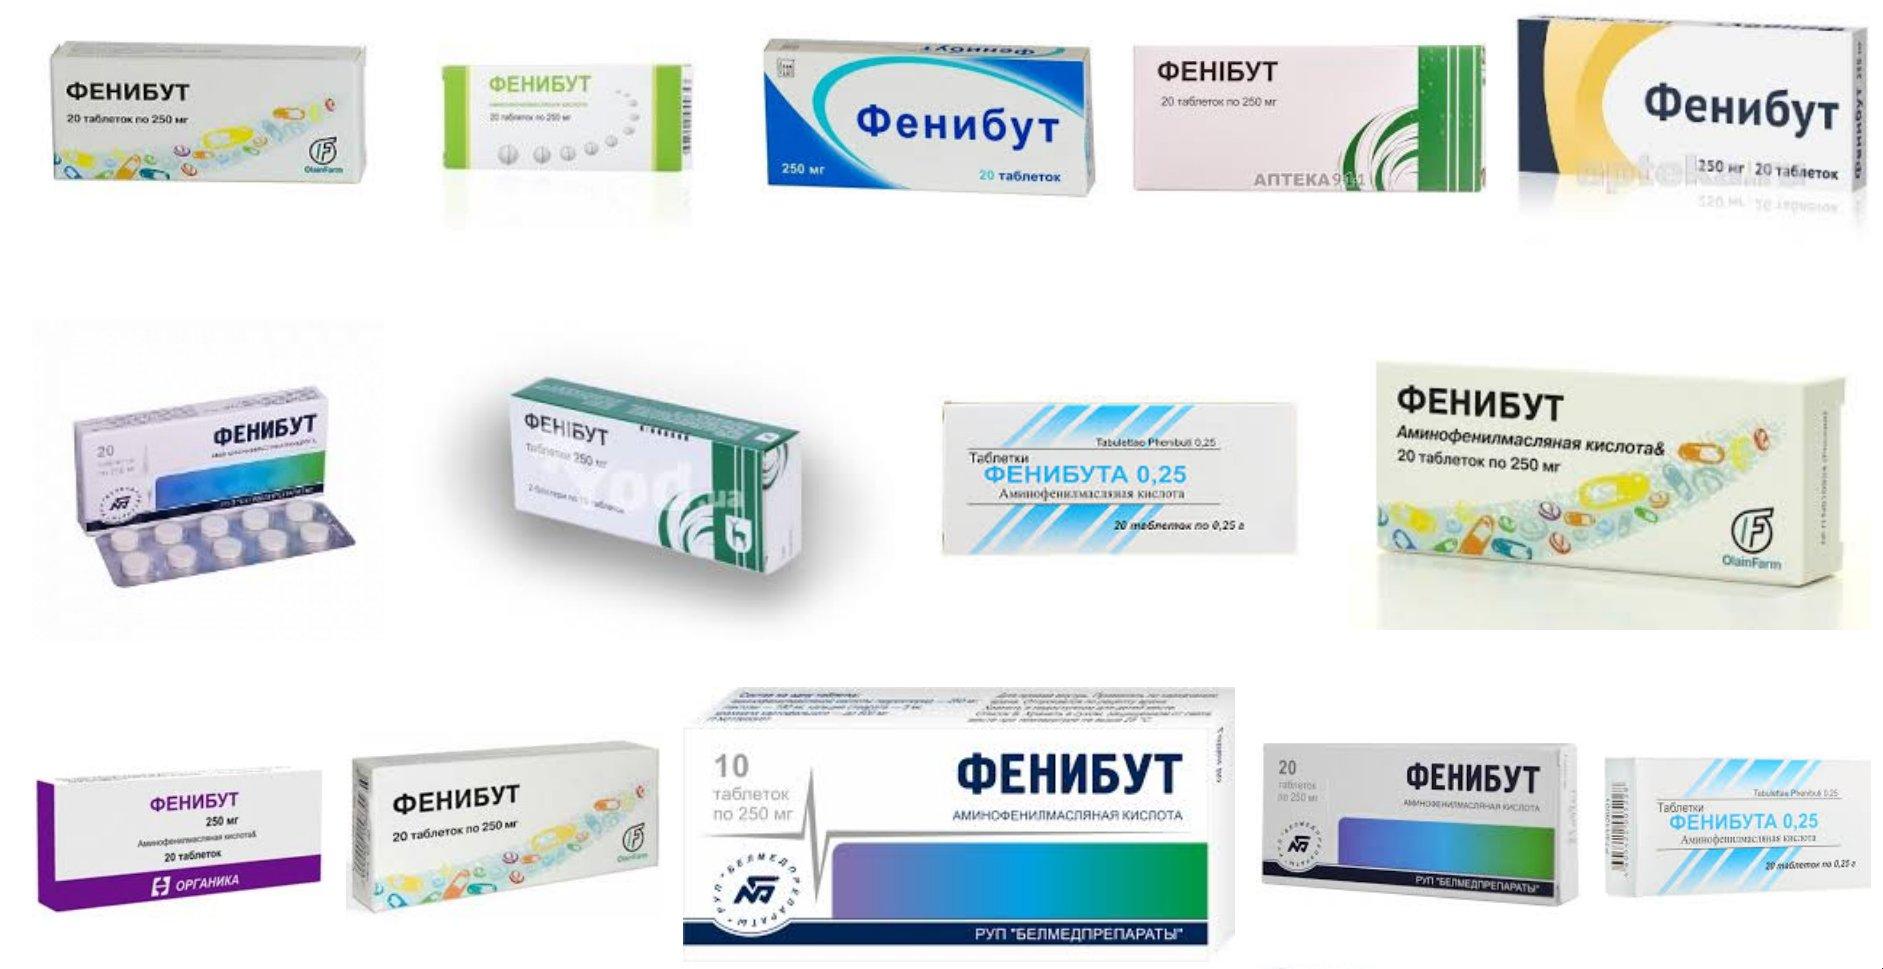 Таблетки Фенибут: инструкция по применению, цена, отзывы детей и взрослых. Показания к применению и аналоги || Через сколько начинает действовать фенибут у взрослого